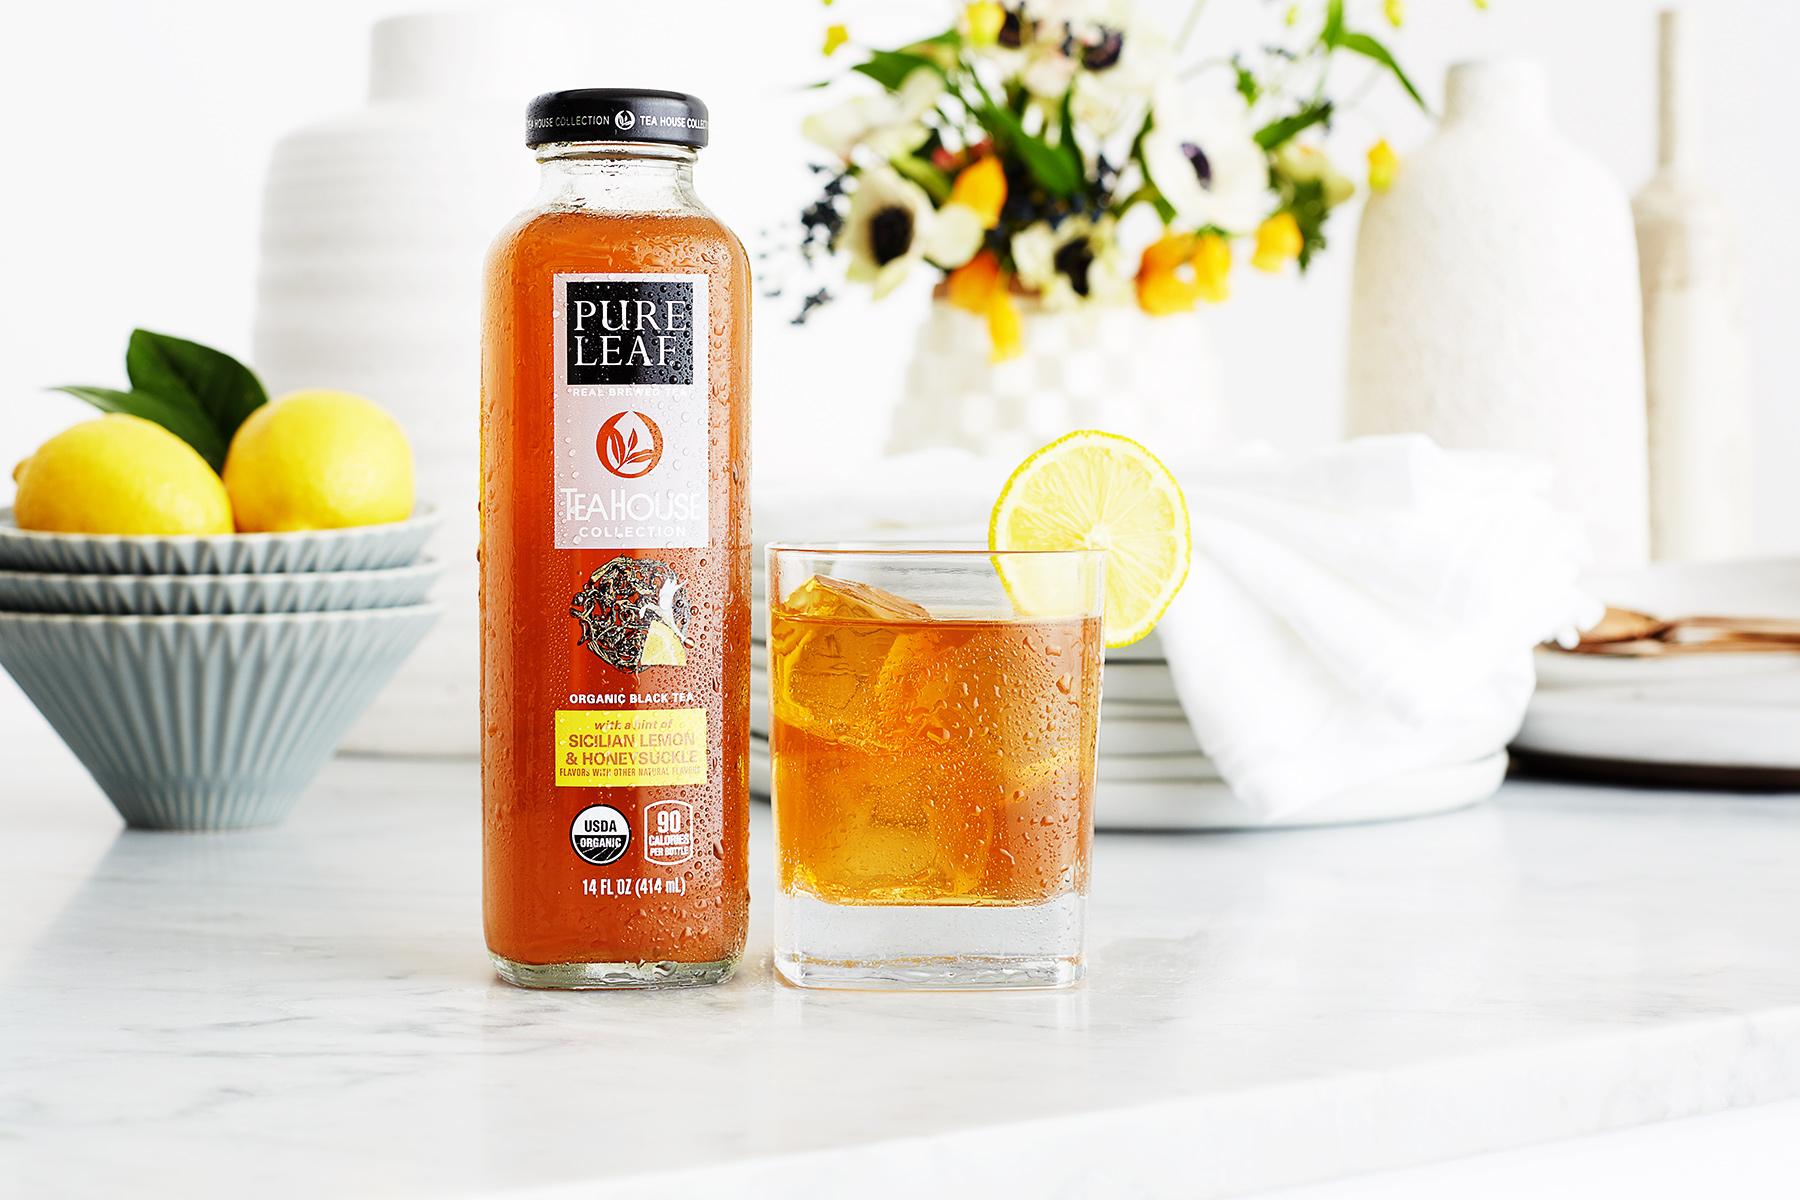 Pure_Leaf_Lemon_Honeysuckle_BD_1163137268_116_MAIN.jpg